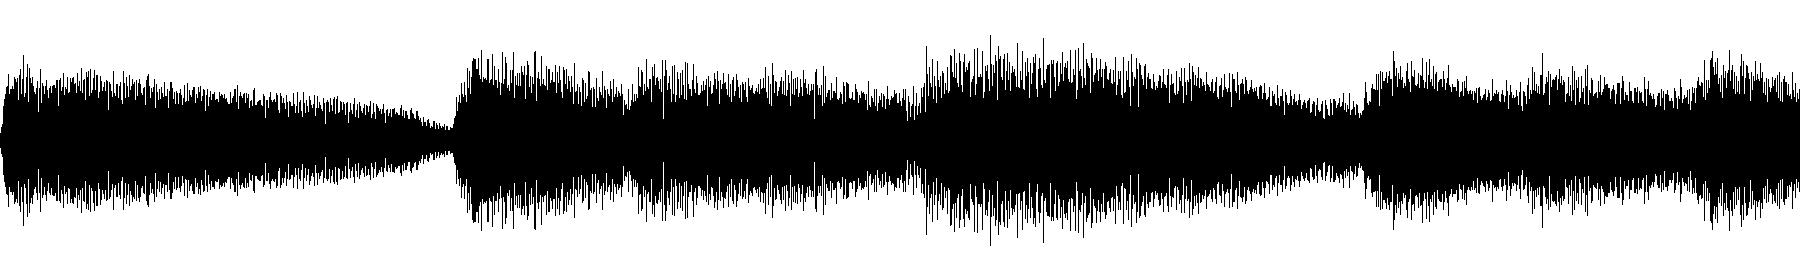 decaf 130 d